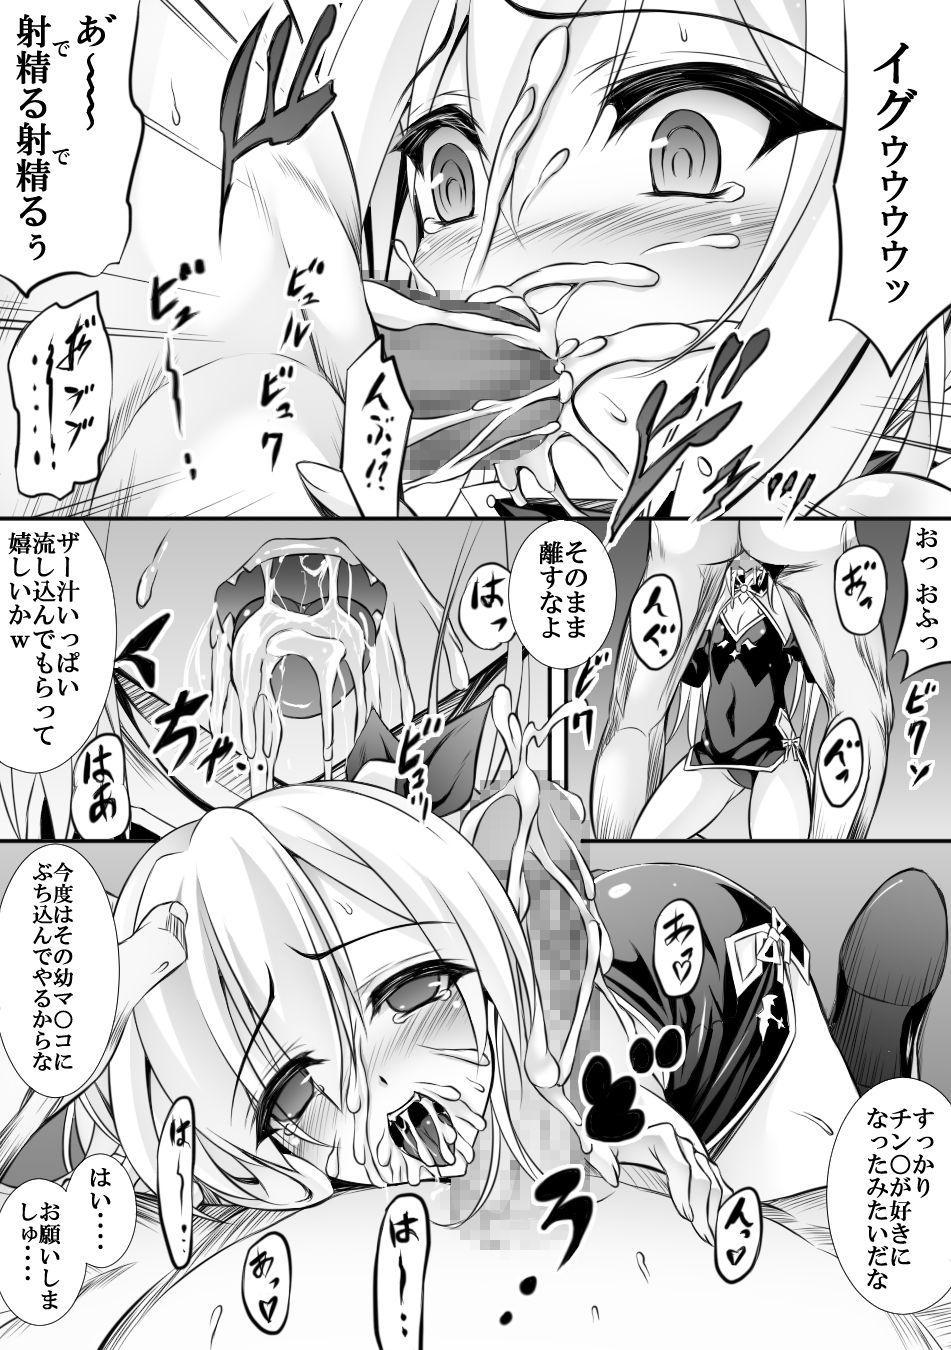 AzuLan 1 Page Manga 3